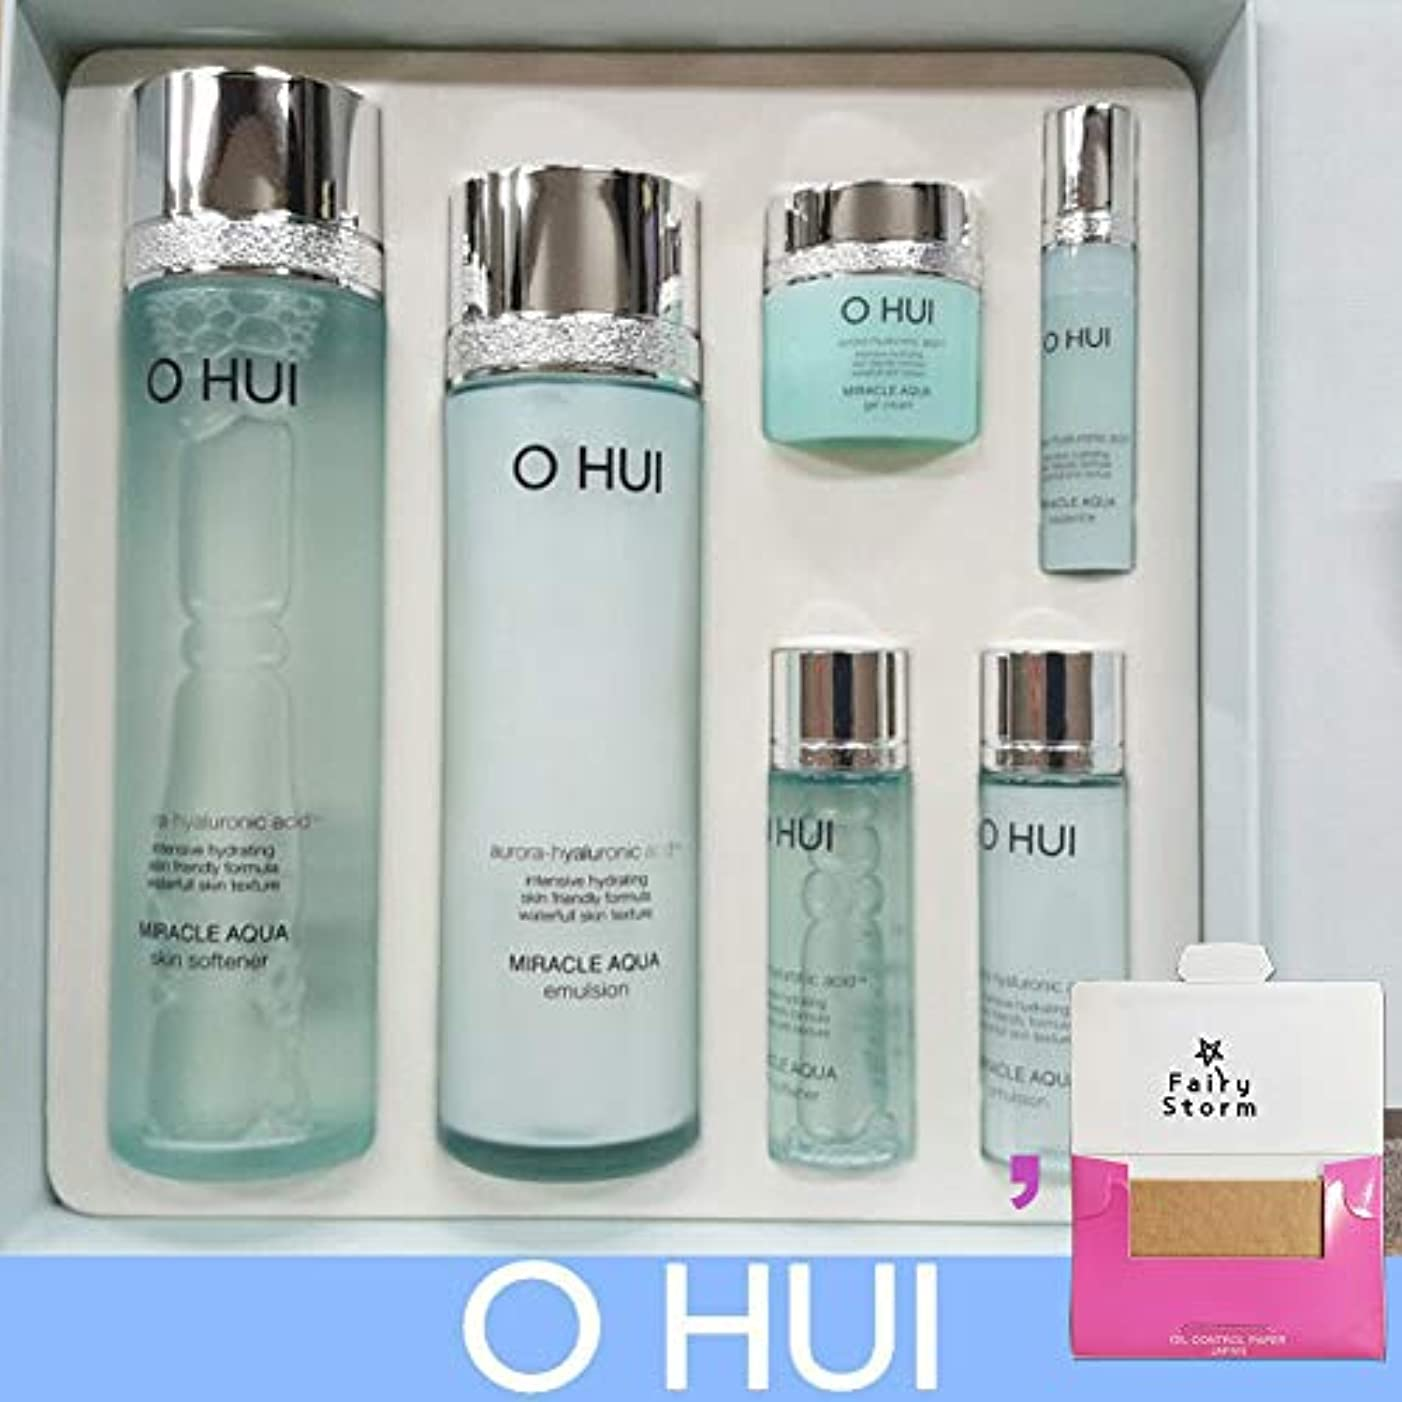 コントラスト裕福なピンポイント[オフィ/O HUI]韓国化粧品LG生活健康/O HUI MIRACLE AQUA SPECIAL SET/ミラクルアクア2種セット+[Sample Gift](海外直送品)